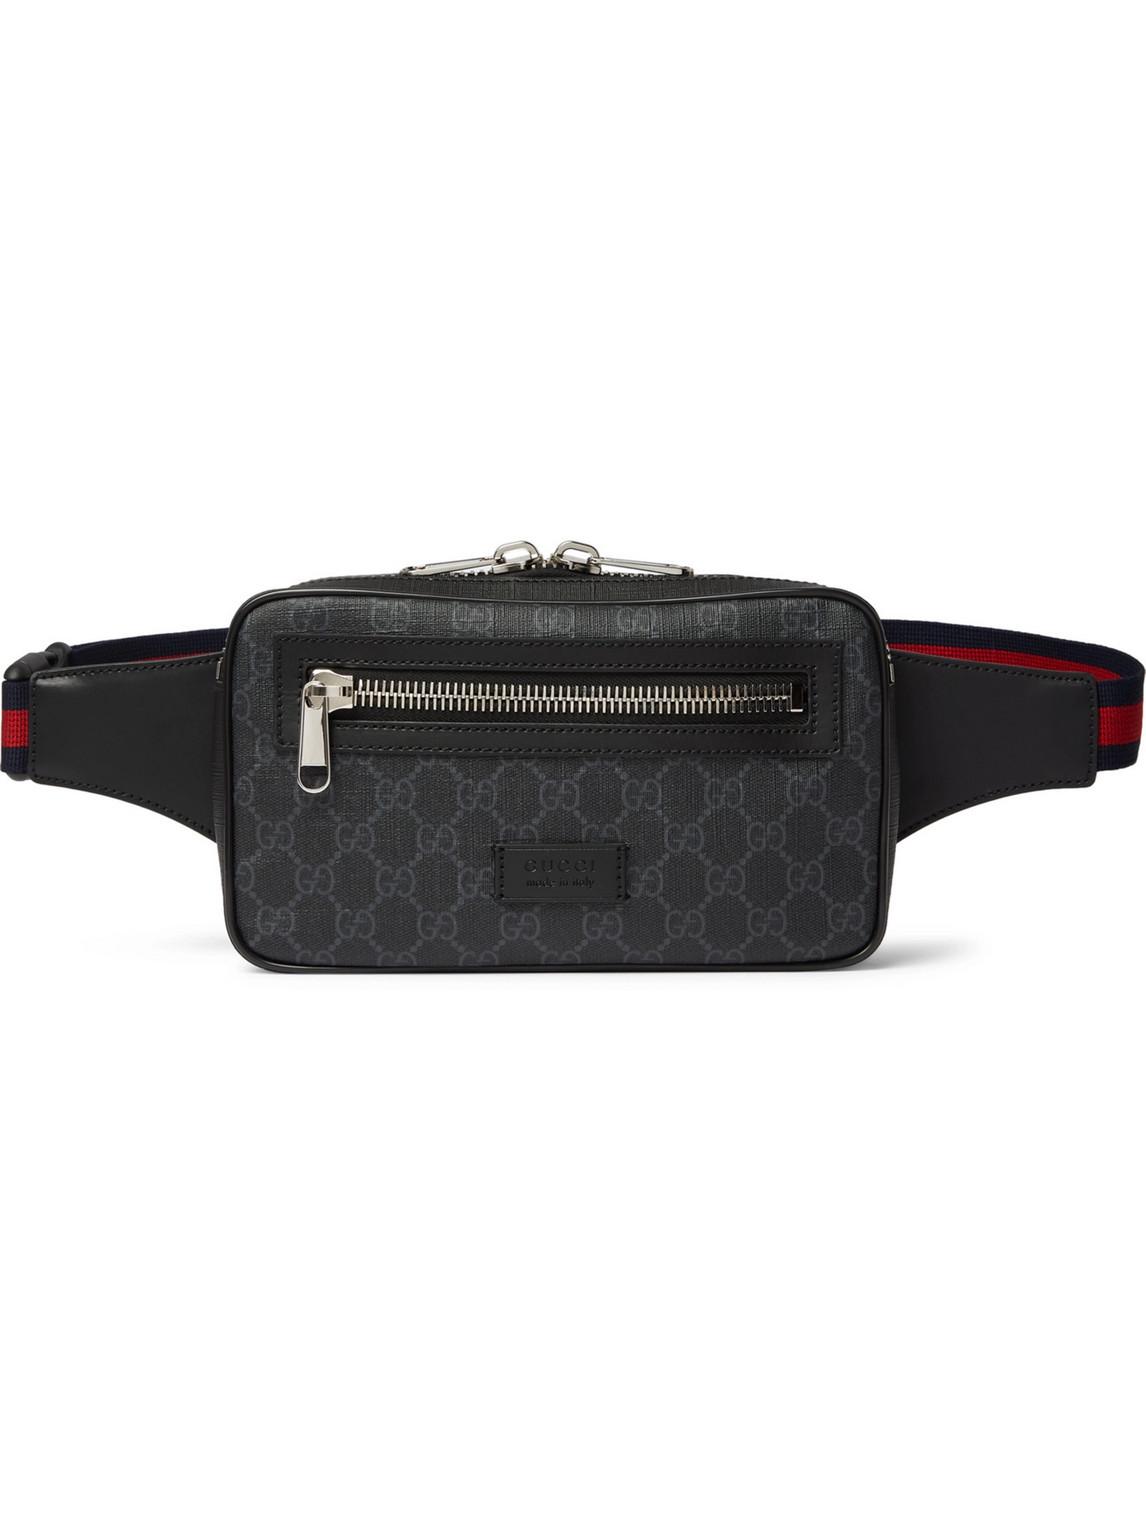 Gucci - Leather-Trimmed Monogrammed Coated-Canvas Belt Bag - Men - Black